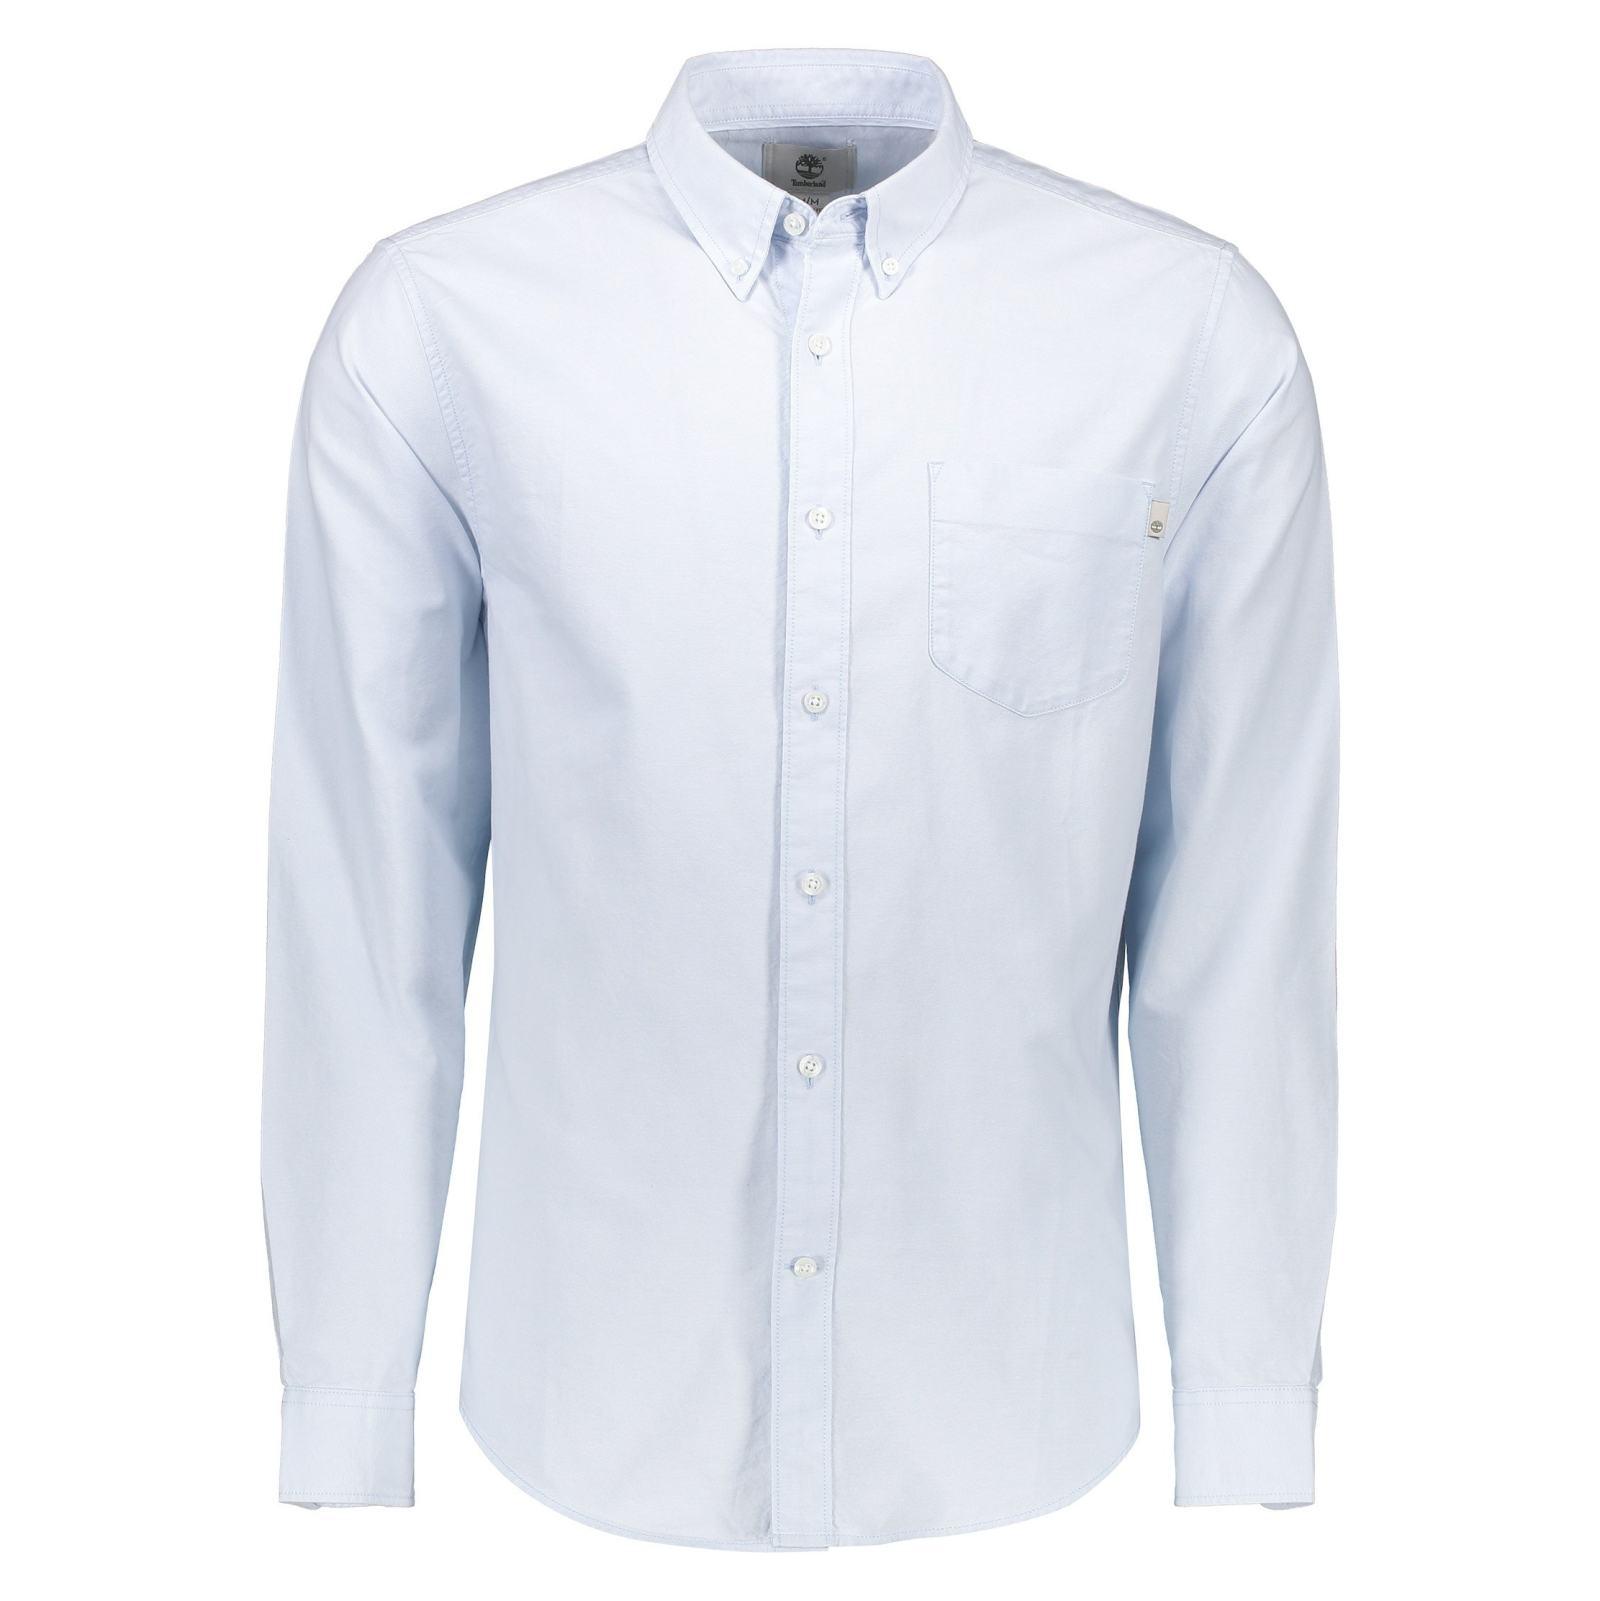 پیراهن نخی آستین بلند مردانه - تیمبرلند - آبي آسماني - 1